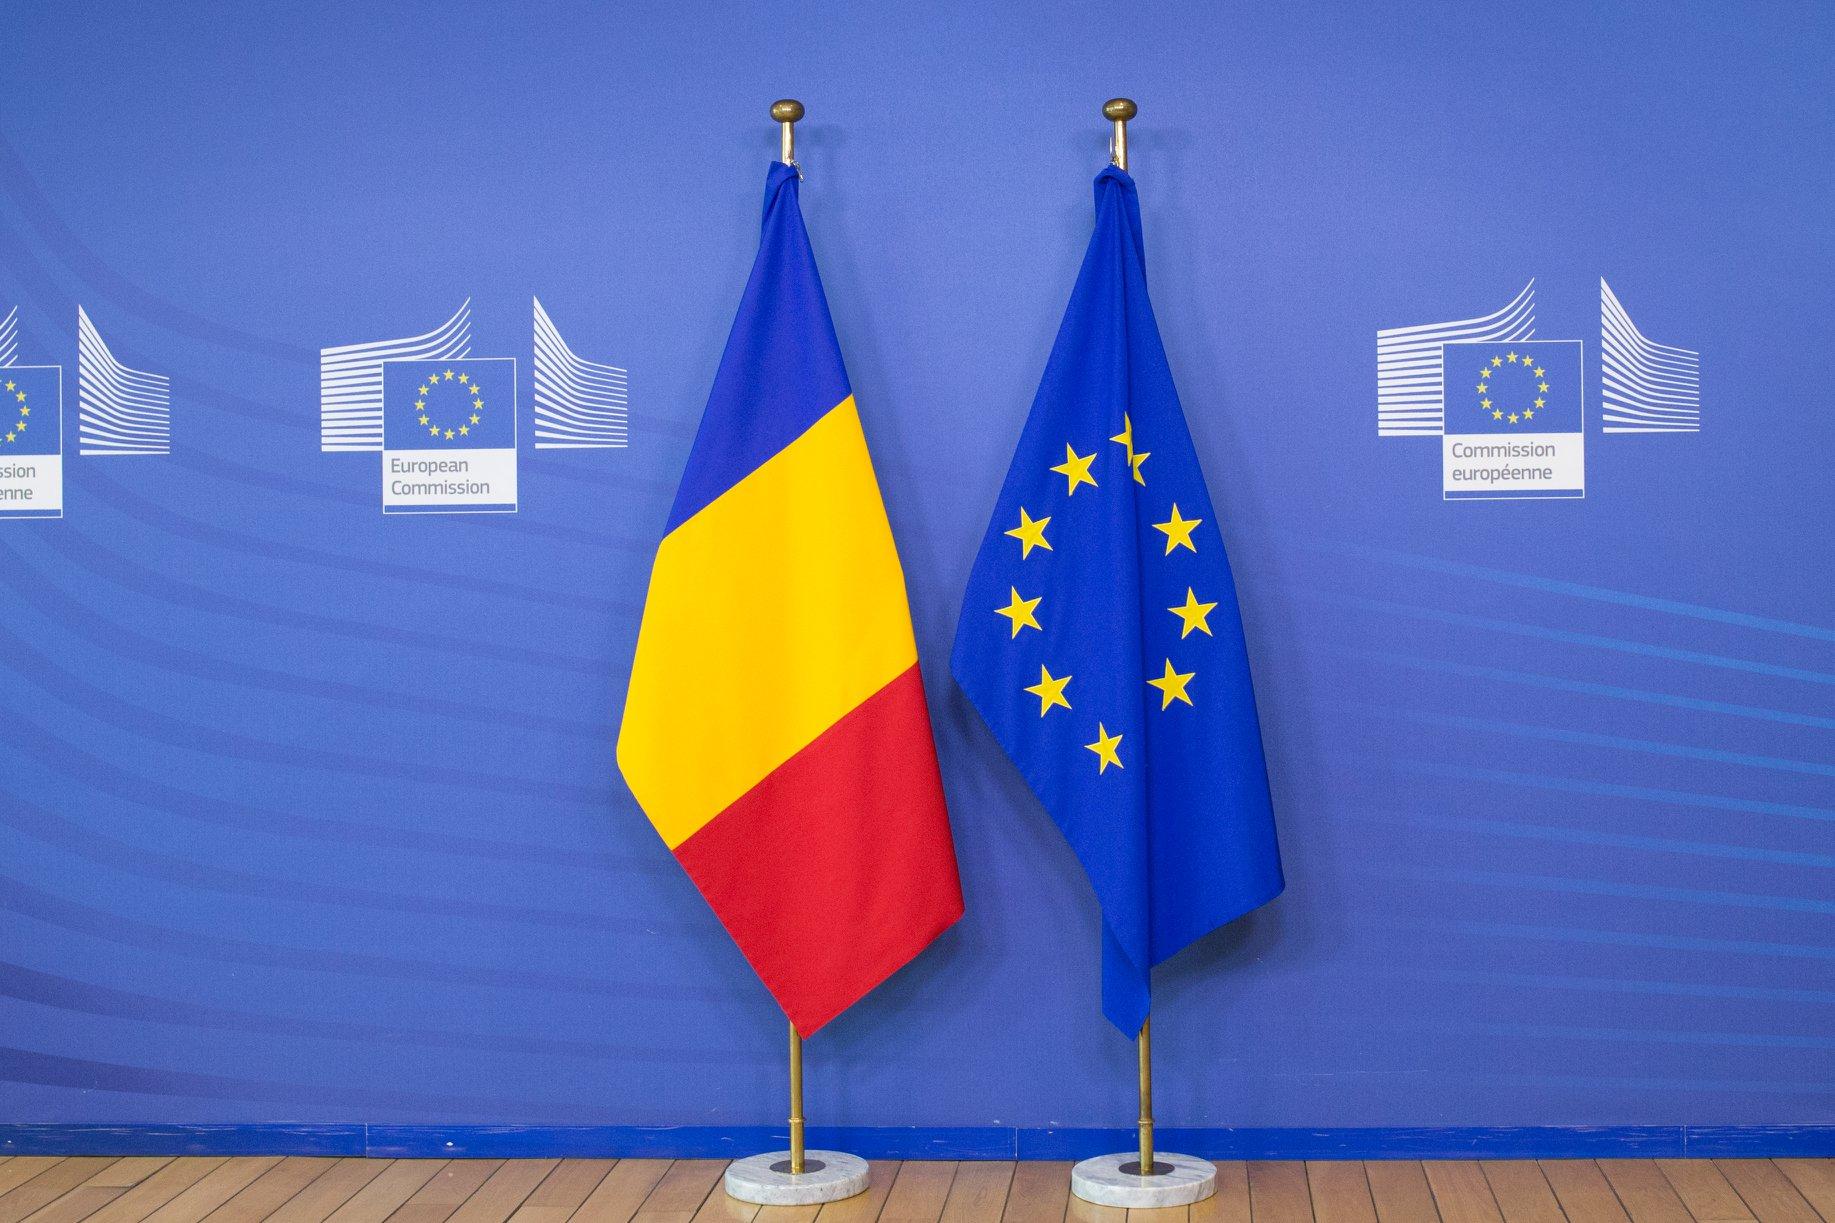 Cum și-a luat România țeapă cu Marea Britanie: au avut libertatea capitalului, dar nu am avut dreptul la muncă